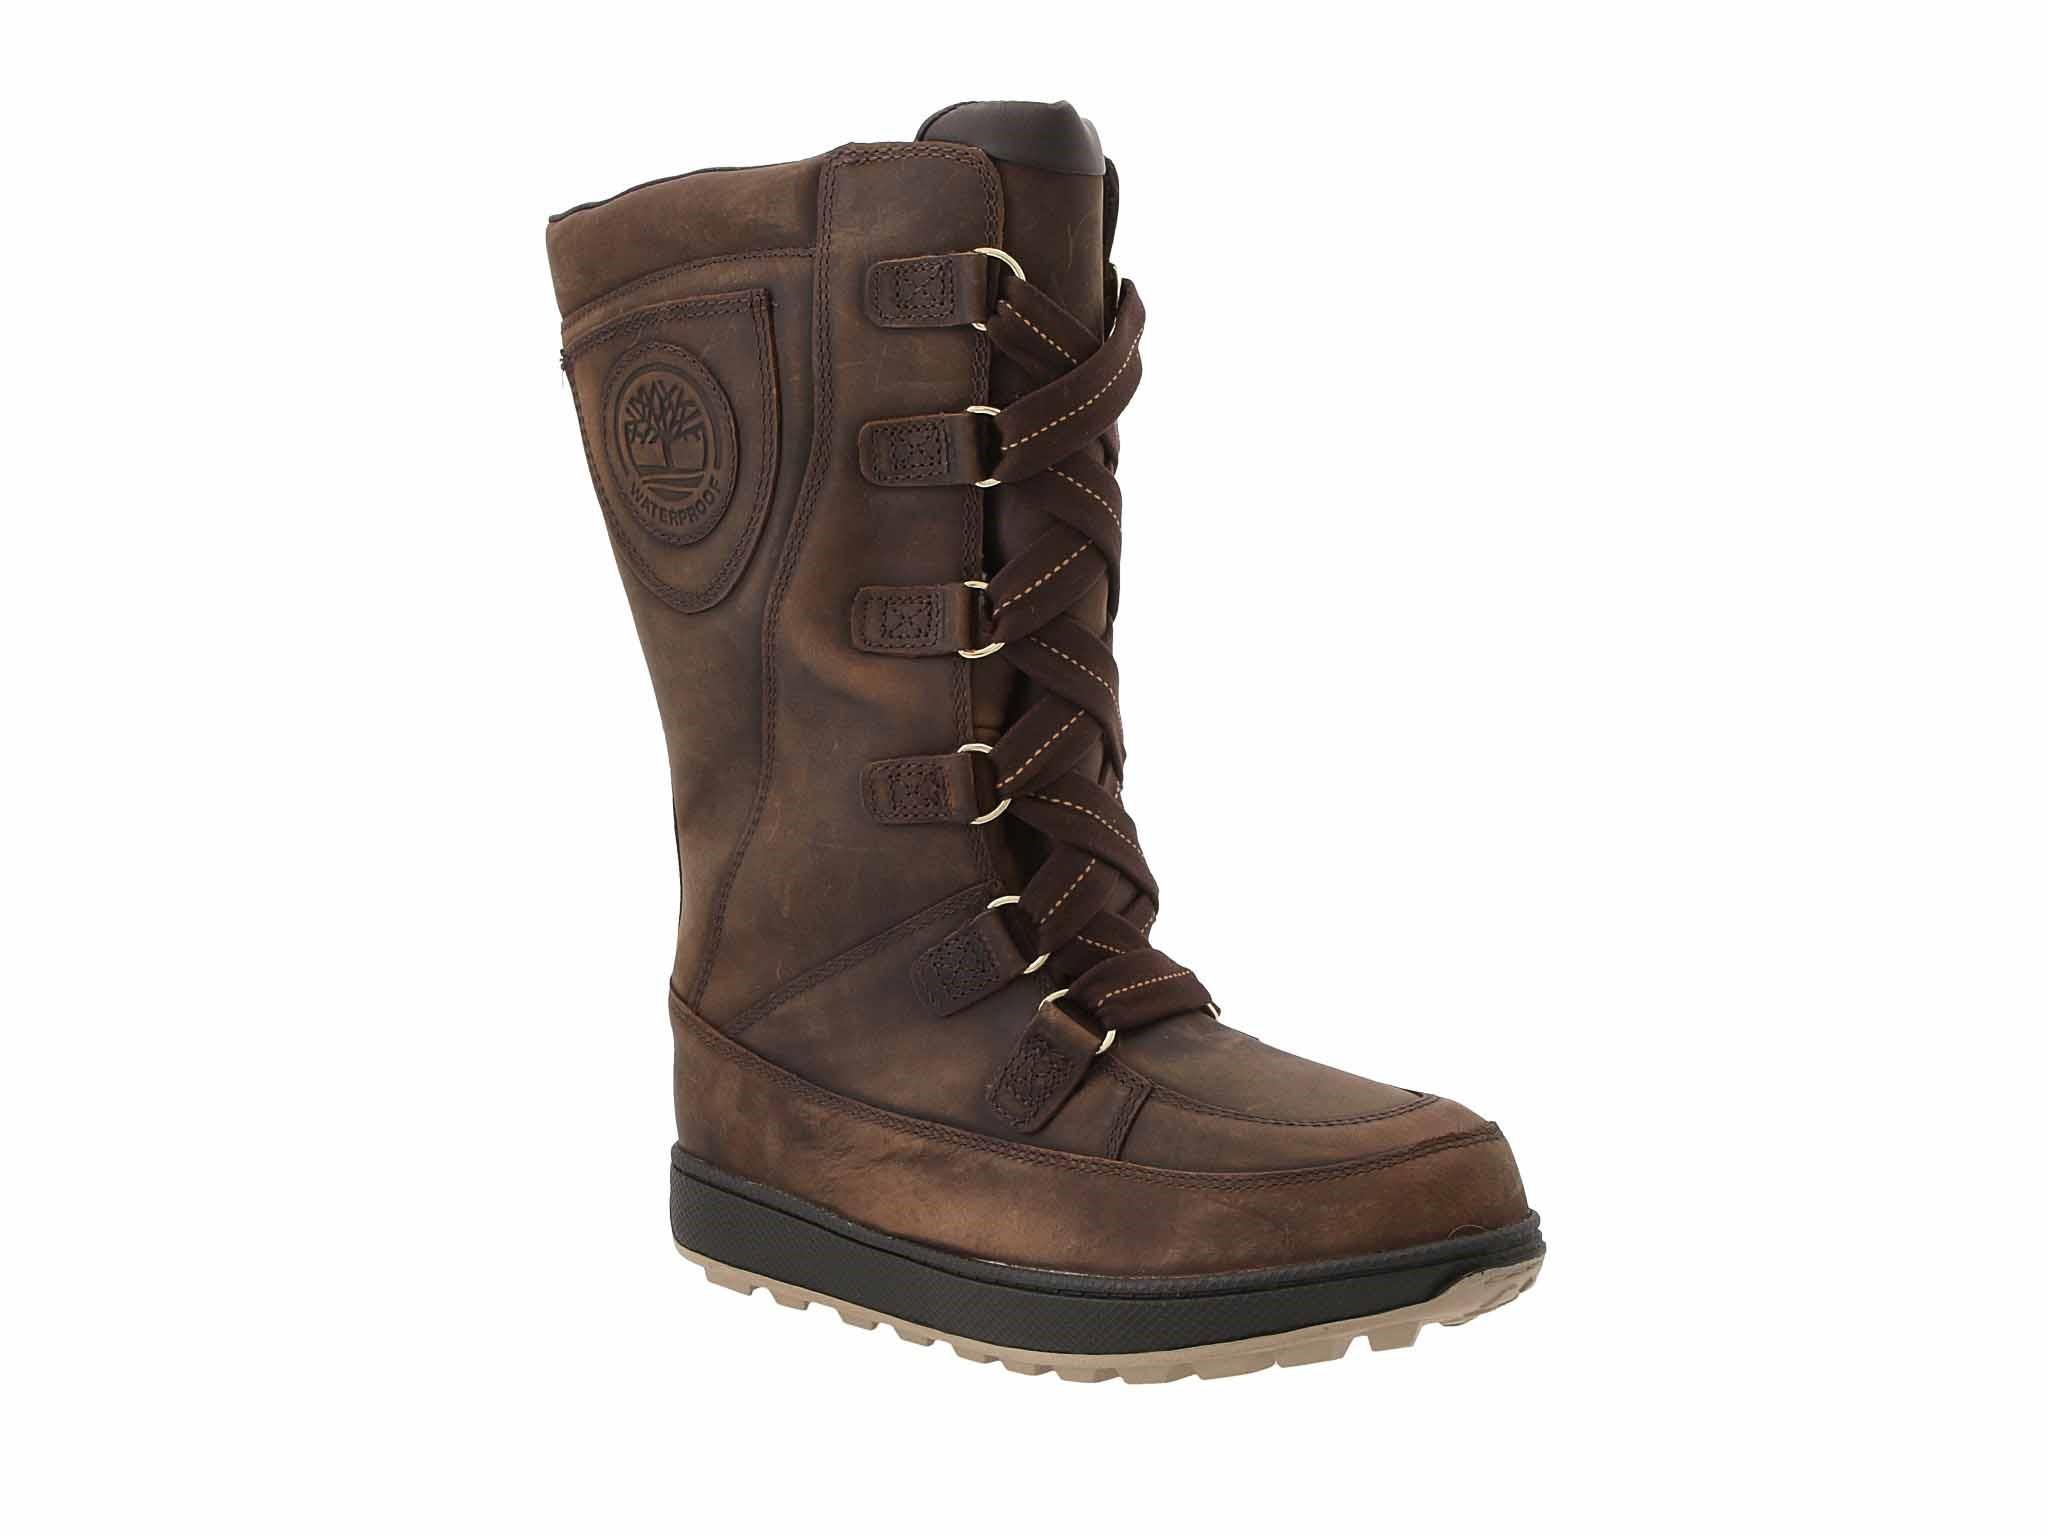 Schneeschuhe TIMBERLAND Mukluk 8 in Waterproof Boot TB076916214 Md Brown Full Grain